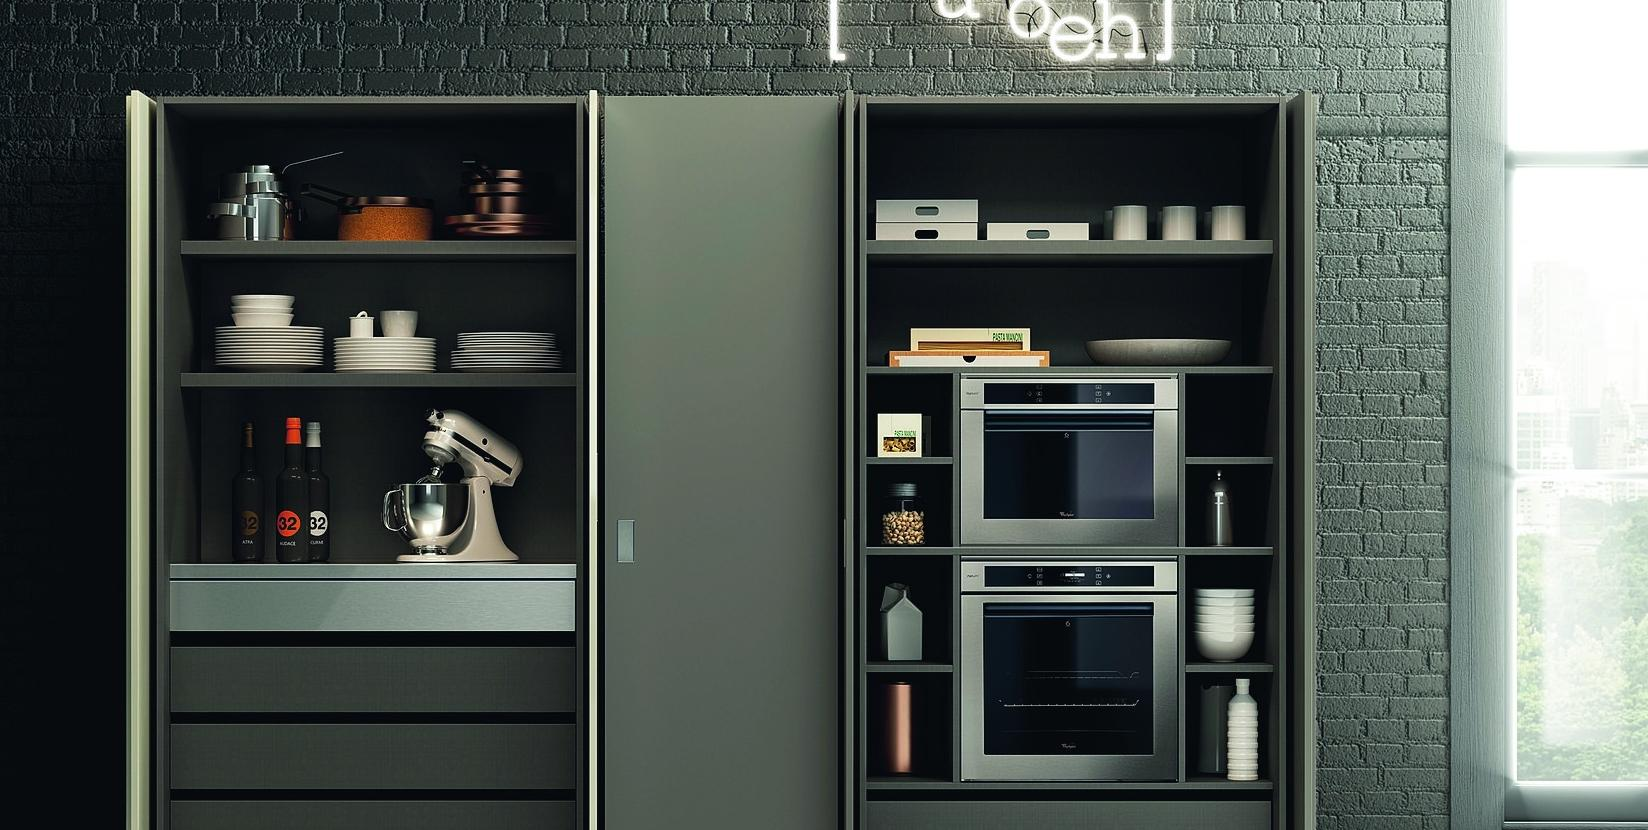 Sicurezza in cucina impianti a norma quali aspetti - Prese a scomparsa cucina ...